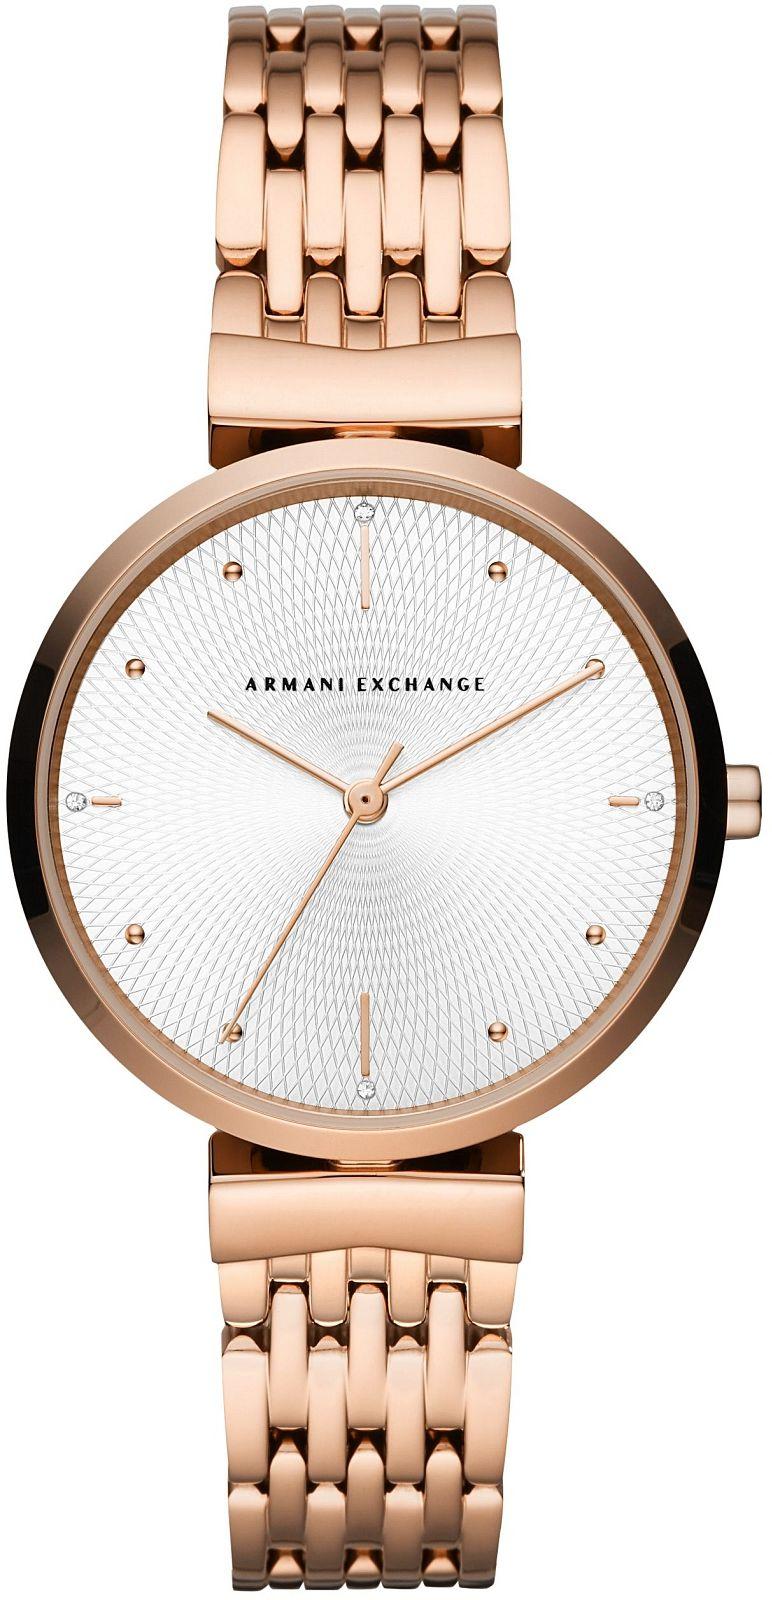 Armani Exchange AX5901 > Wysyłka tego samego dnia Grawer 0zł Darmowa dostawa Kurierem/Inpost Darmowy zwrot przez 100 DNI